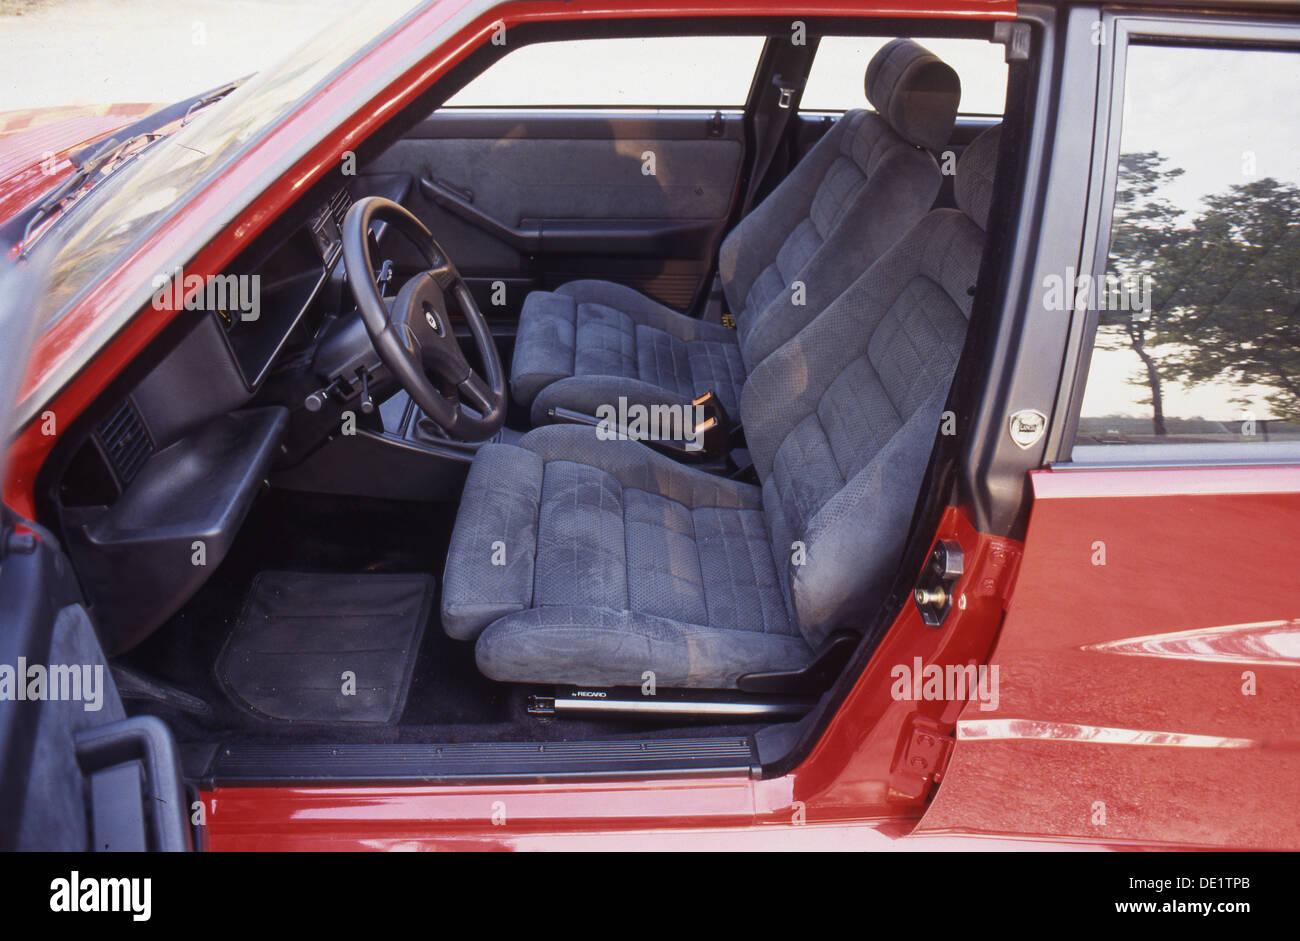 lancia delta integrale hf sports car 4x4 4wd 1990s - interior view